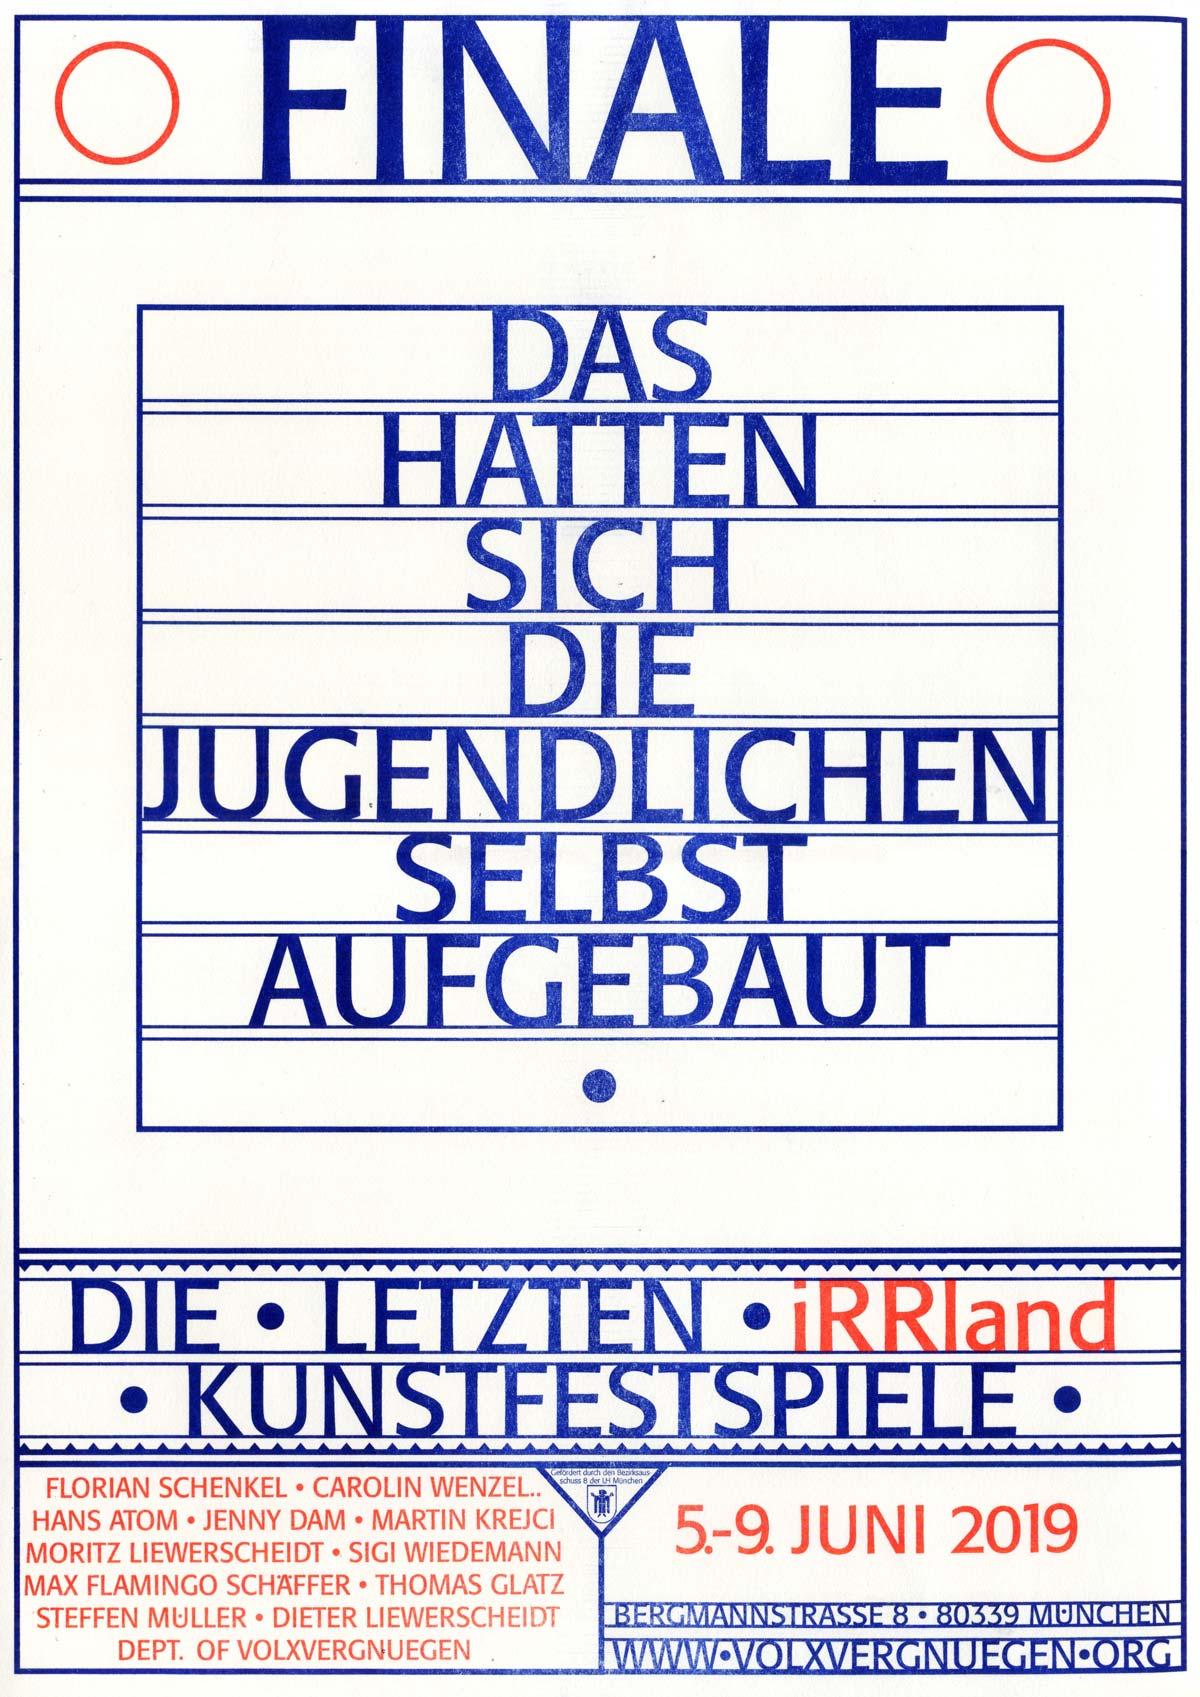 Plakat für die FINALE, Gestaltung: Silberstein Produktion